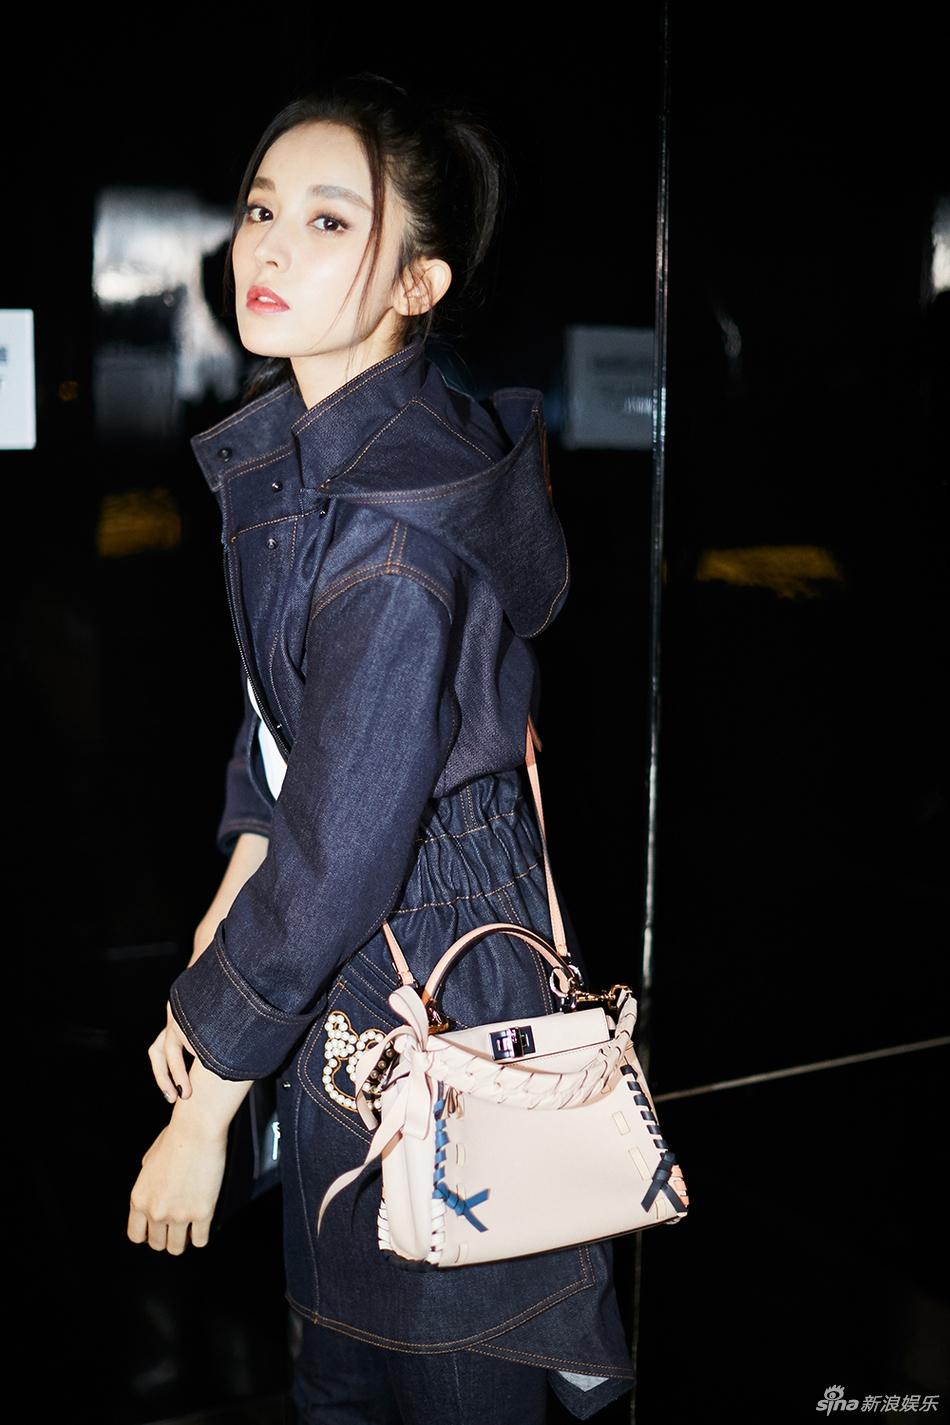 娜扎米兰时装周再出发 率性造型尽显大长腿